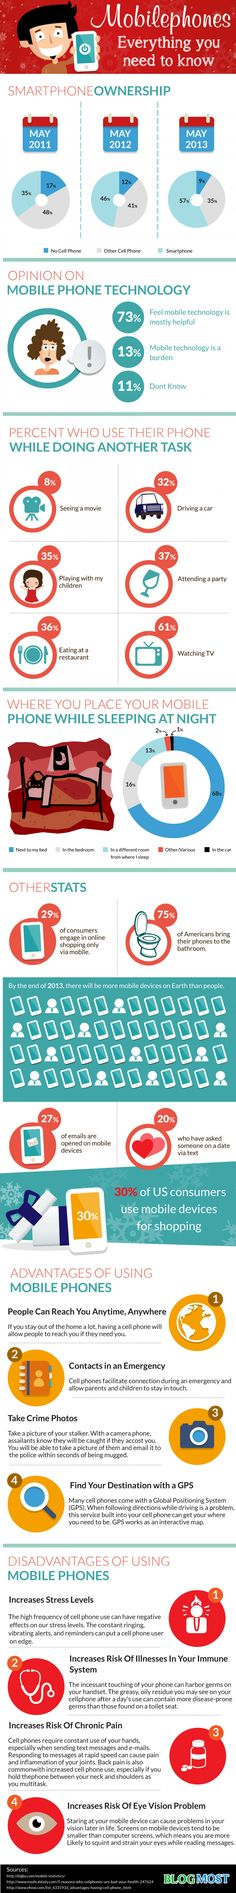 Advantages & Disadvantages of Mobile Phones